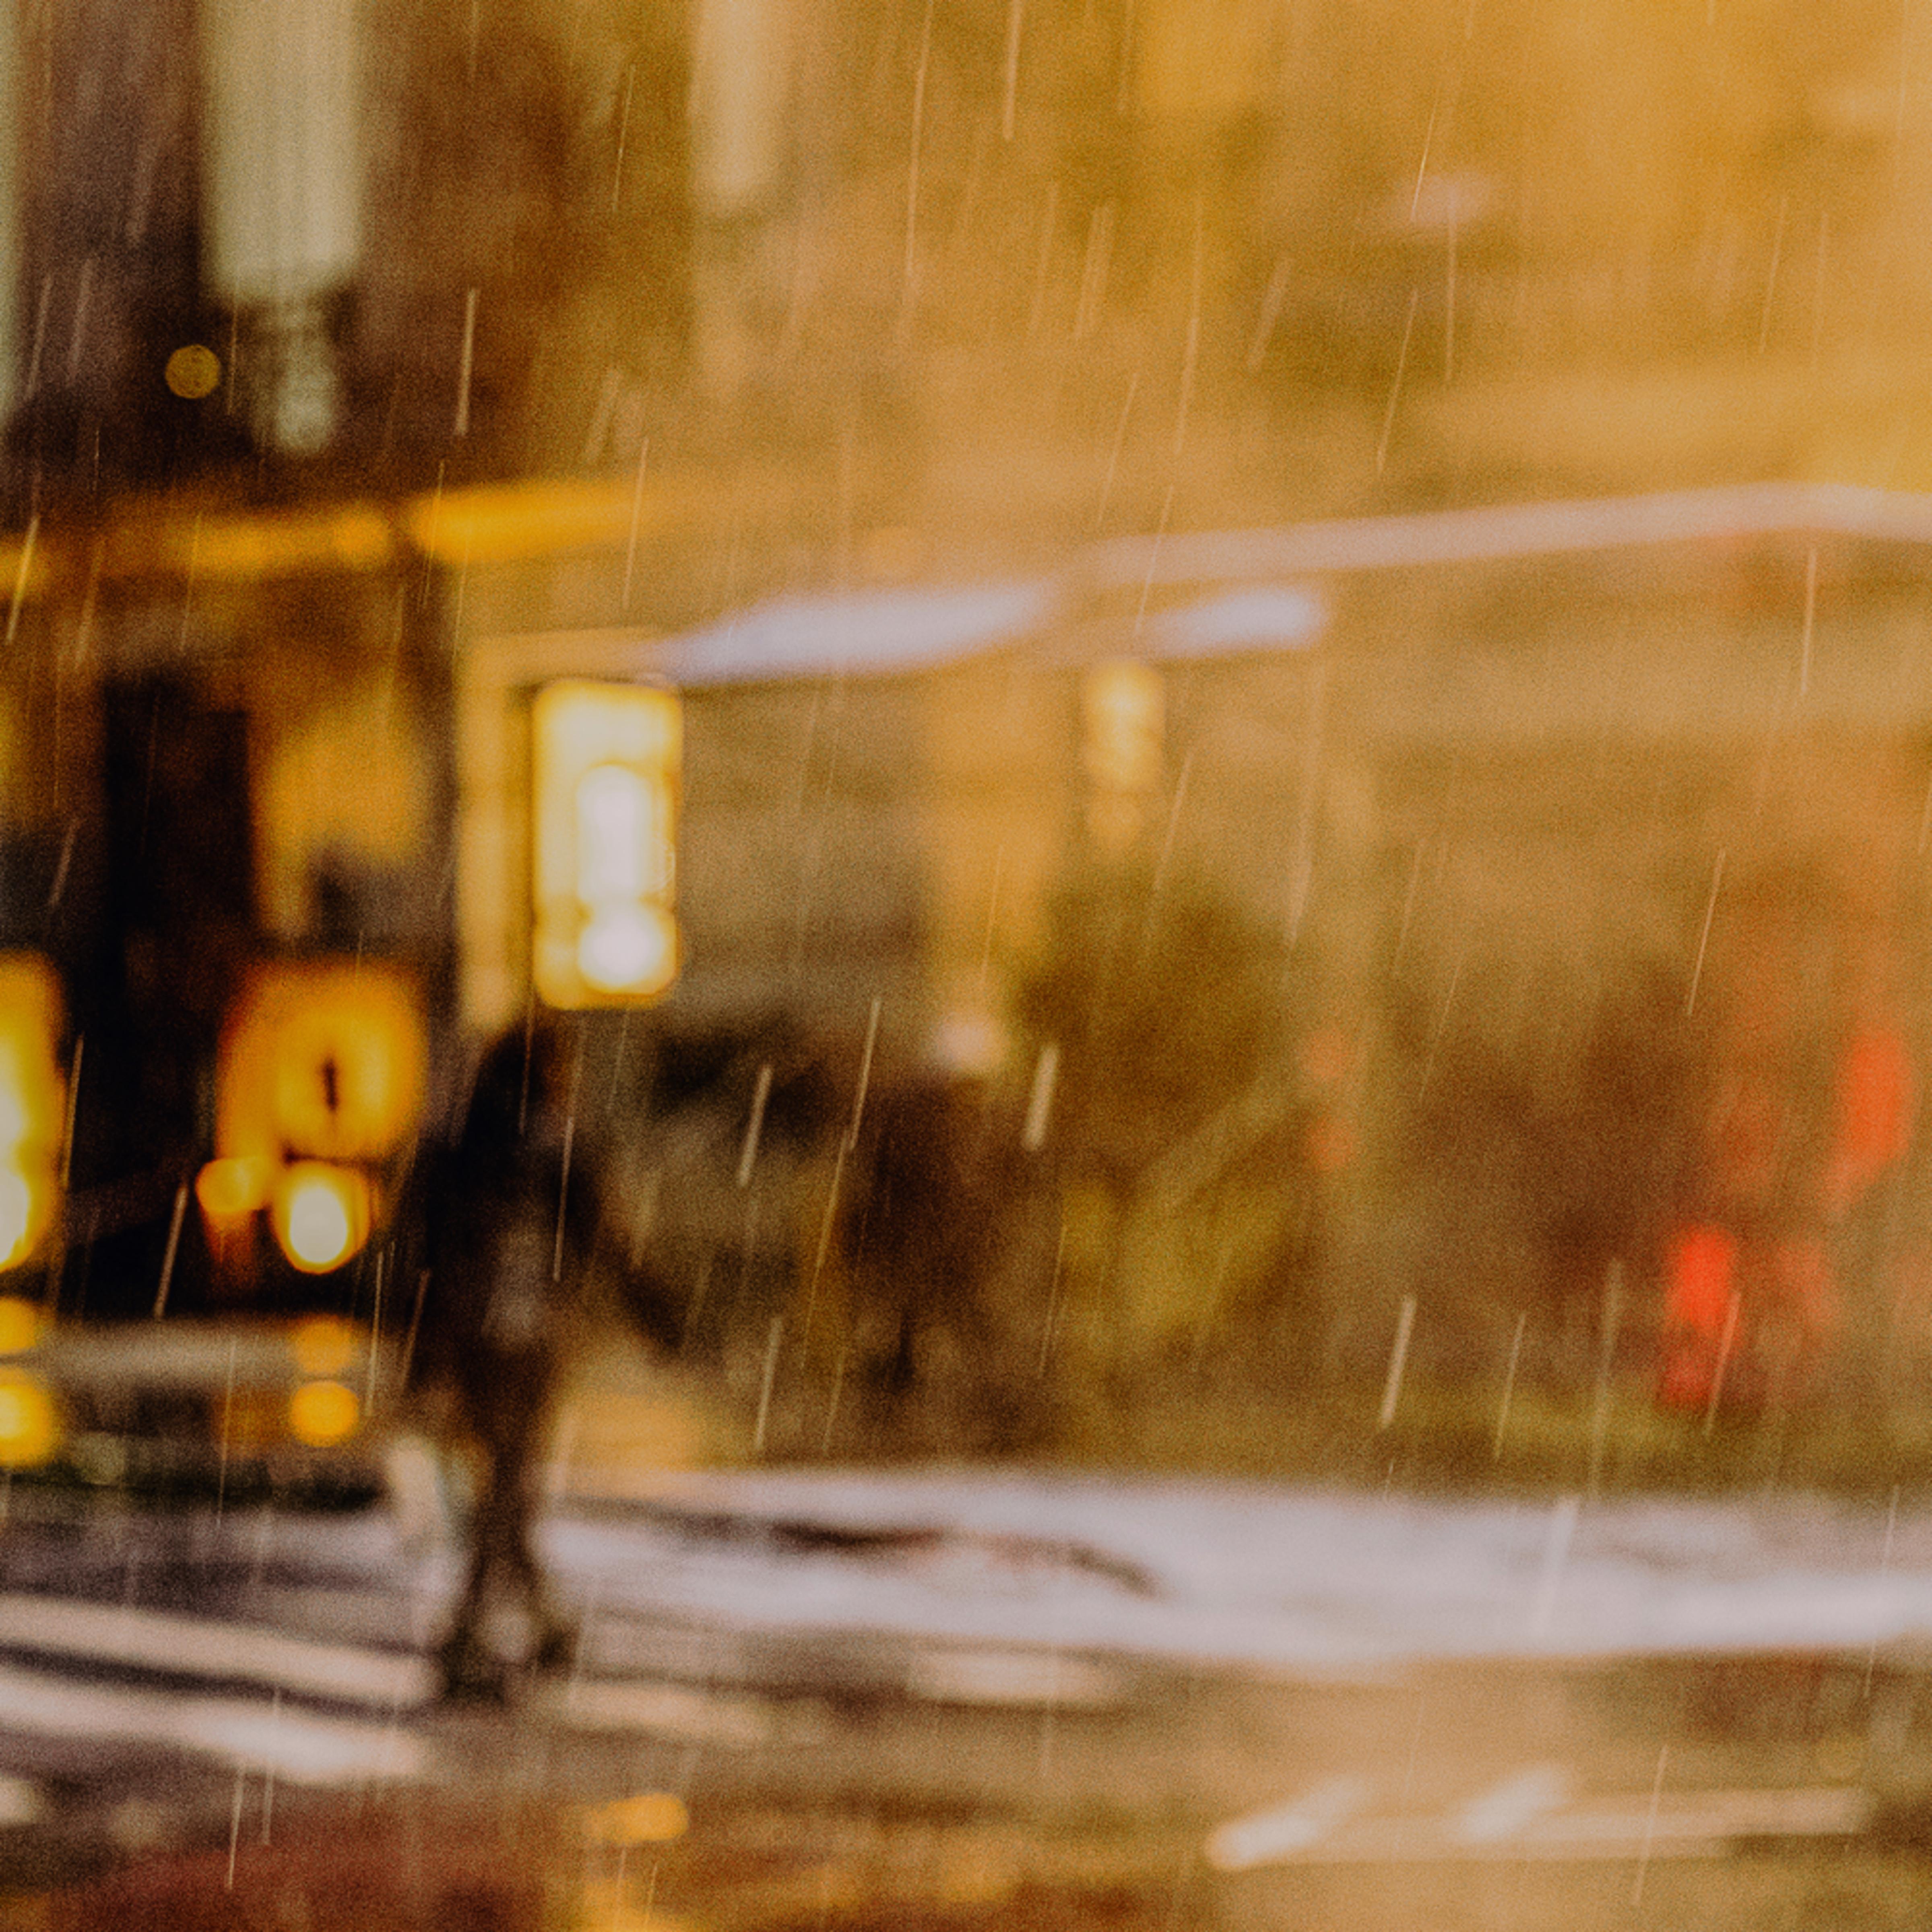 Man crossing wall st in snow rqrzdj